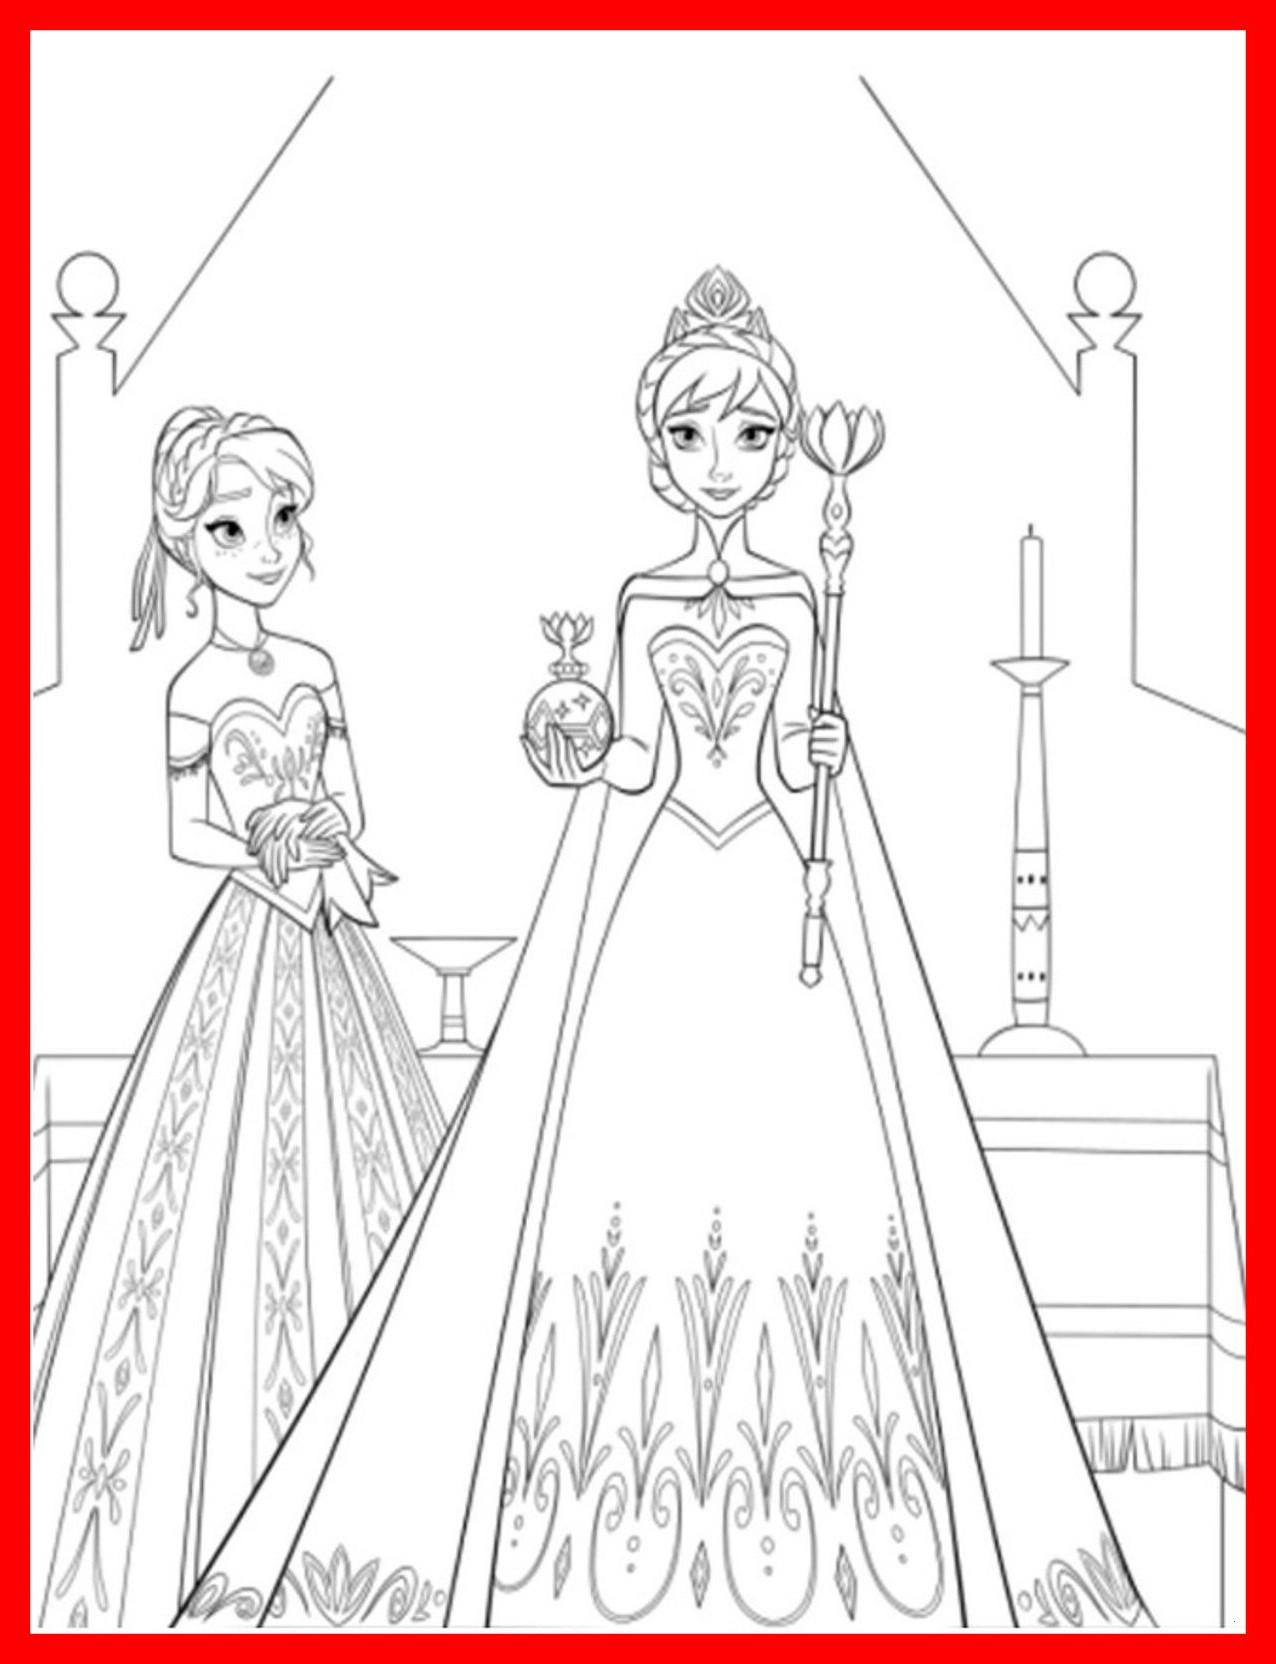 Ausmalbilder Elsa Und Anna Zum Ausdrucken Neu 35 Fantastisch Ausmalbilder Elsa Und Anna – Malvorlagen Ideen Bild